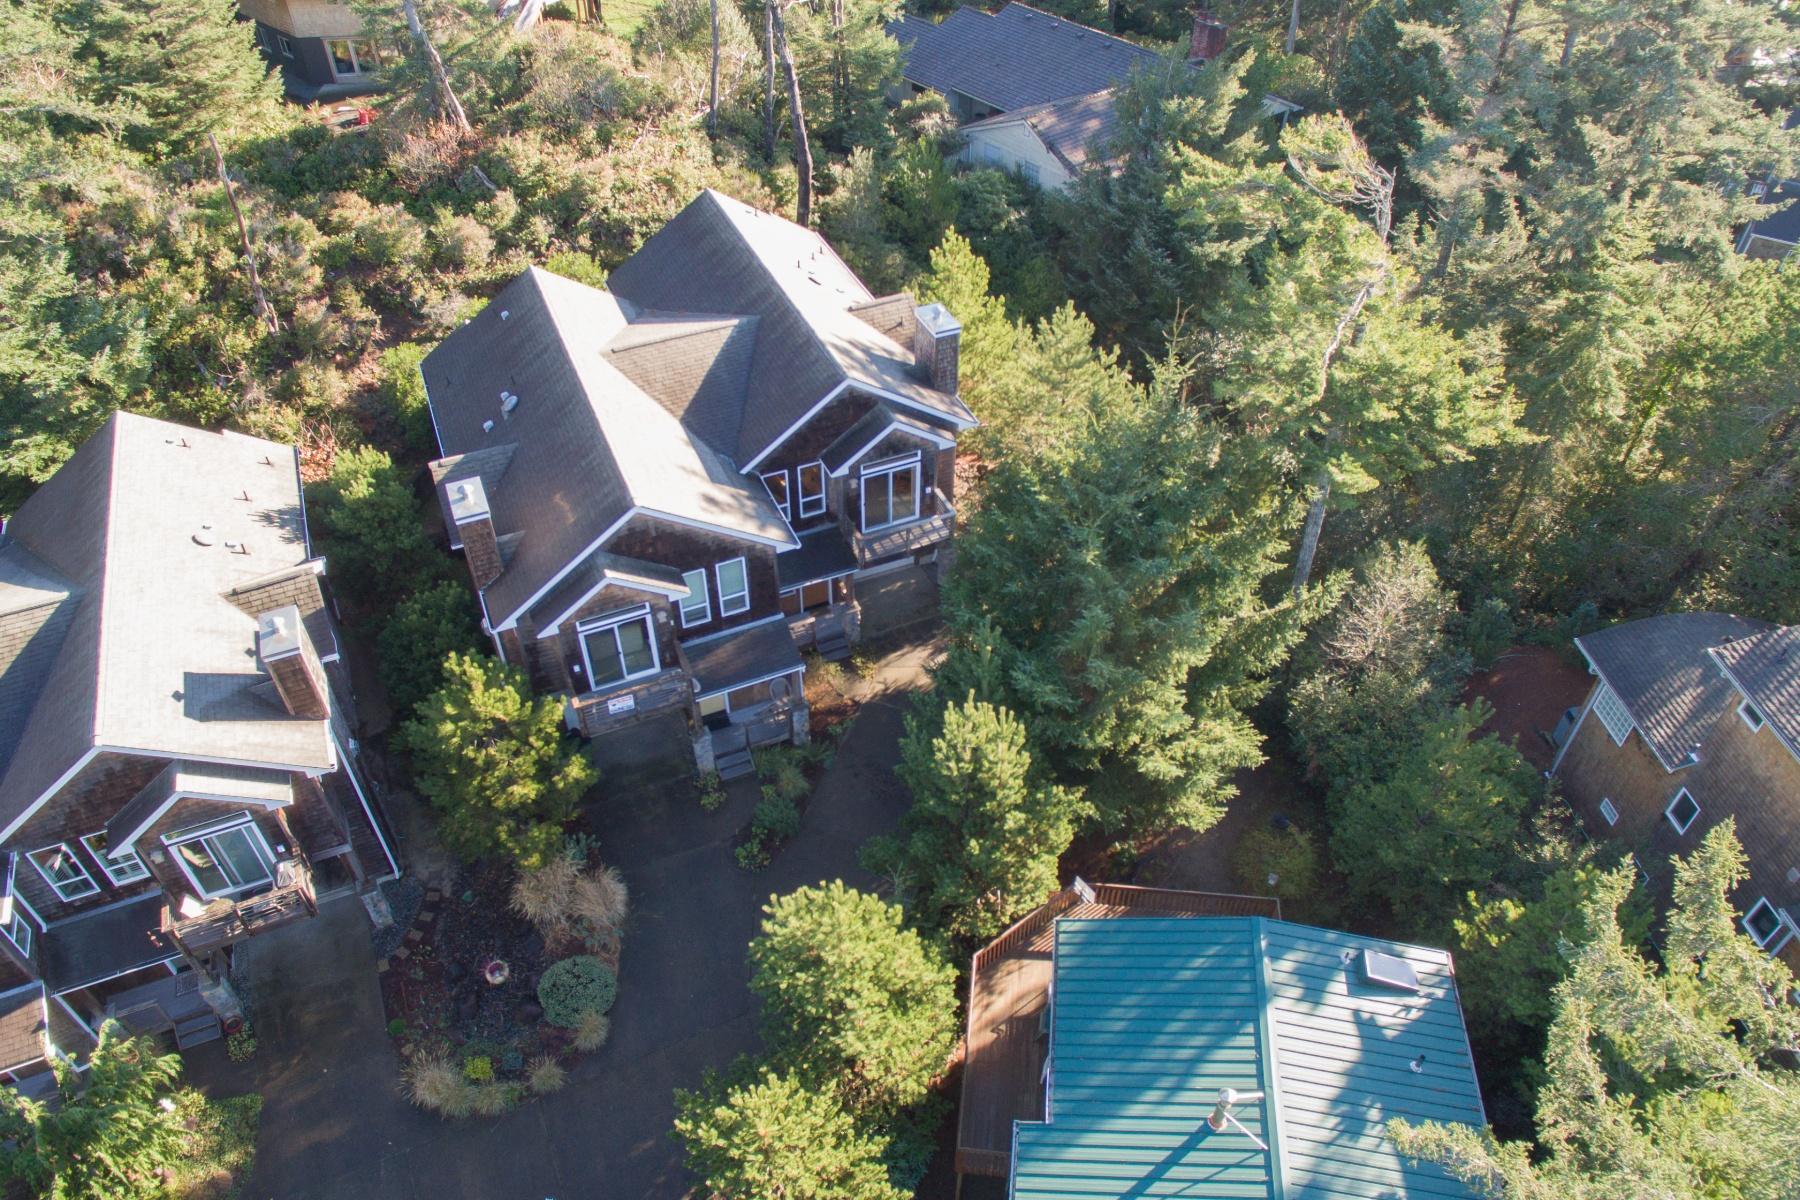 Eigentumswohnung für Verkauf beim 386 FIRST ST, MANZANITA Manzanita, Oregon, 97130 Vereinigte Staaten